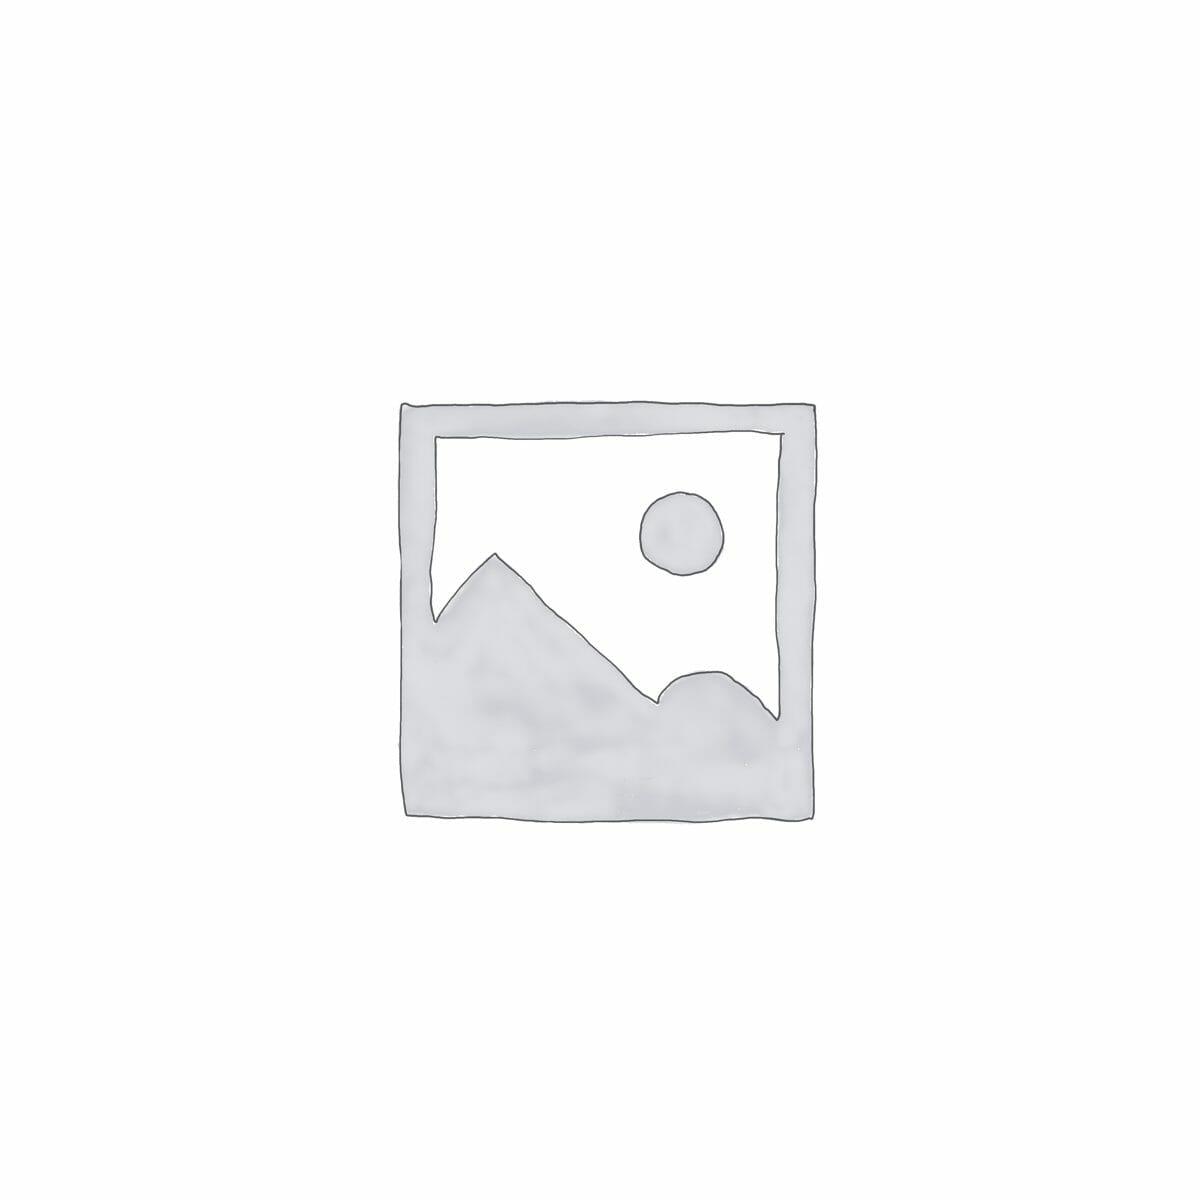 woocommerce-placeholder-2 Uwell - Caliburn G Kit